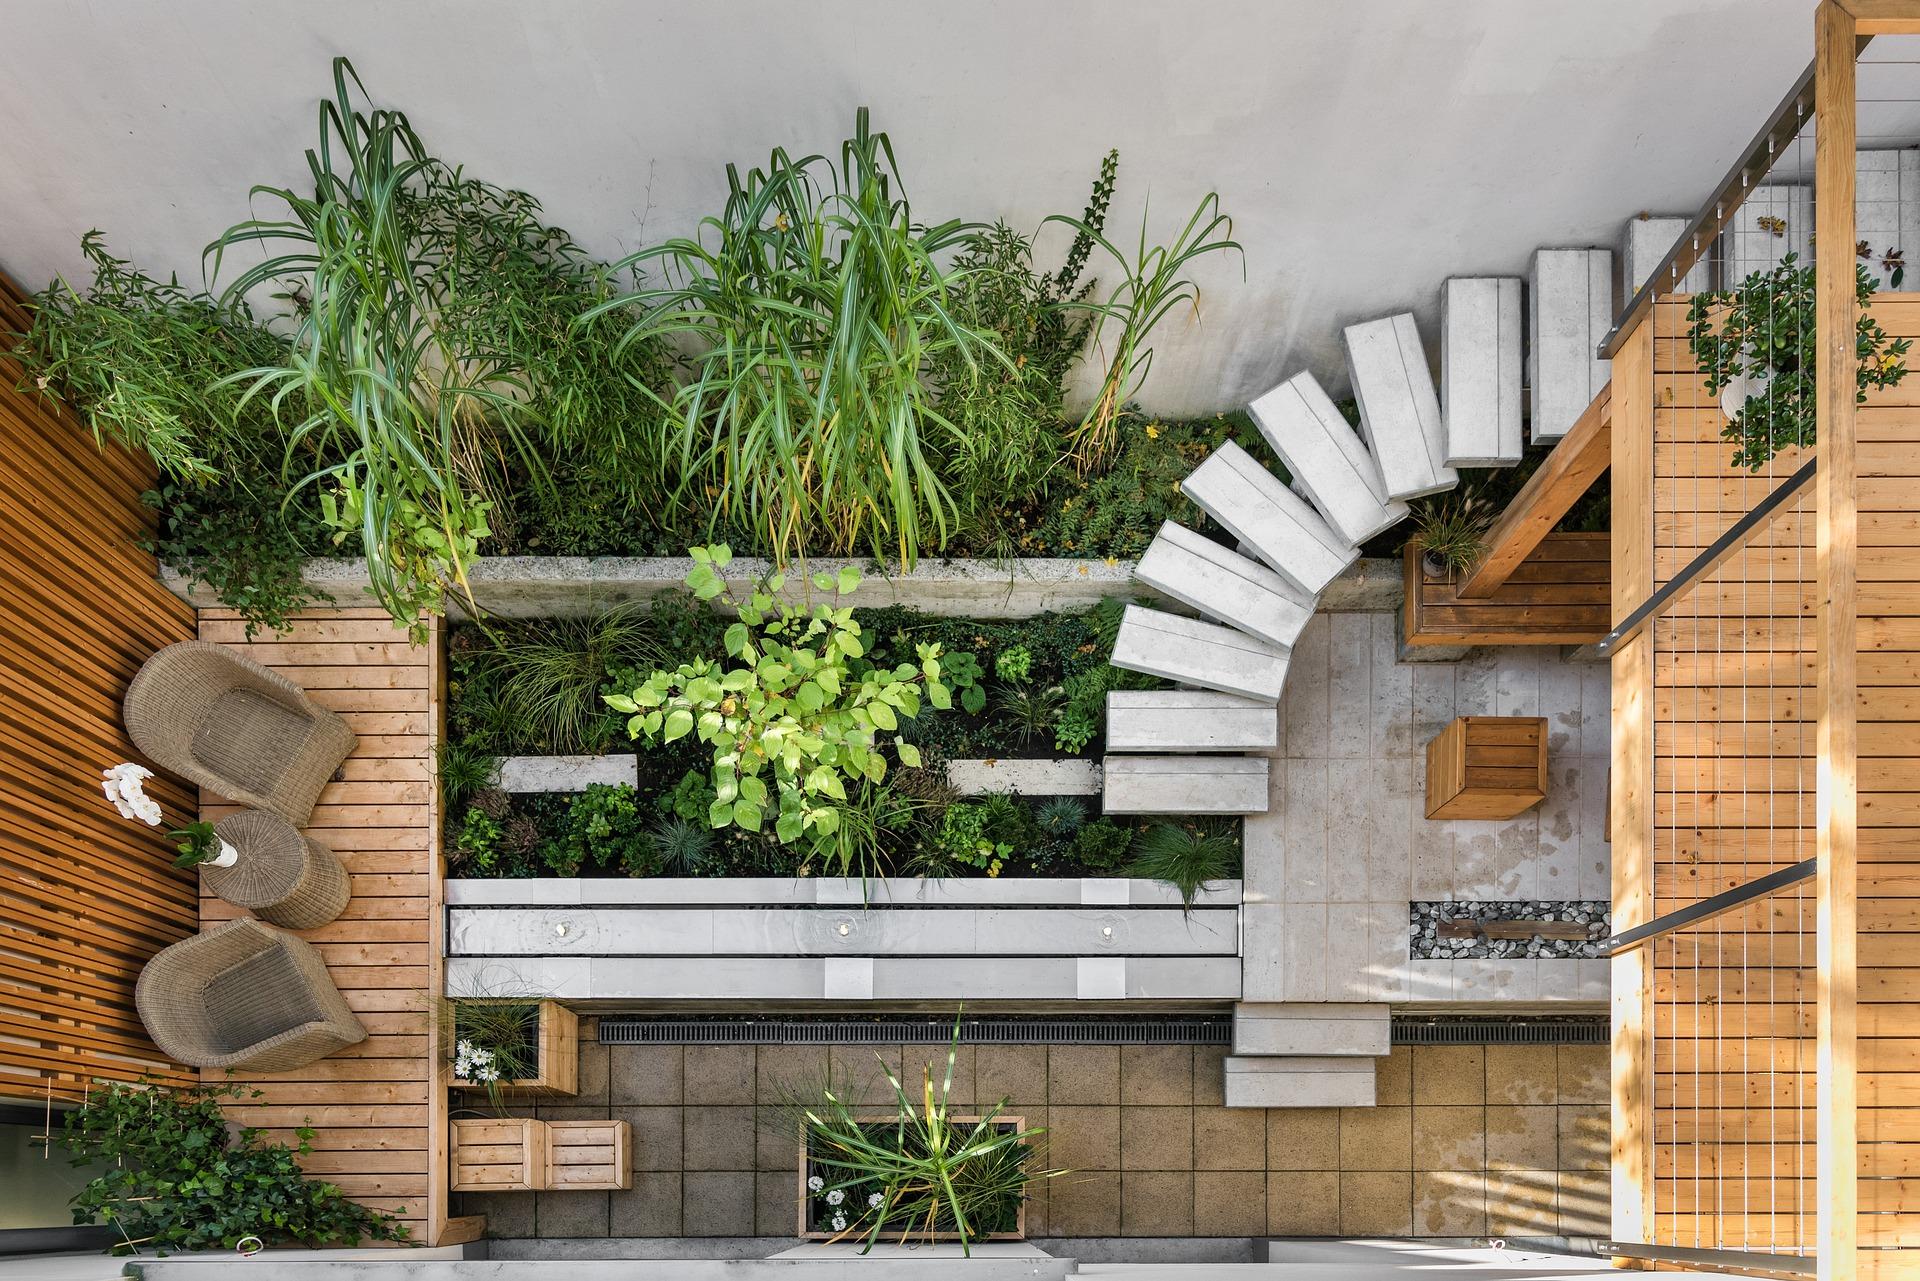 Mały ogródek miejski sposobem na kontakt z naturą